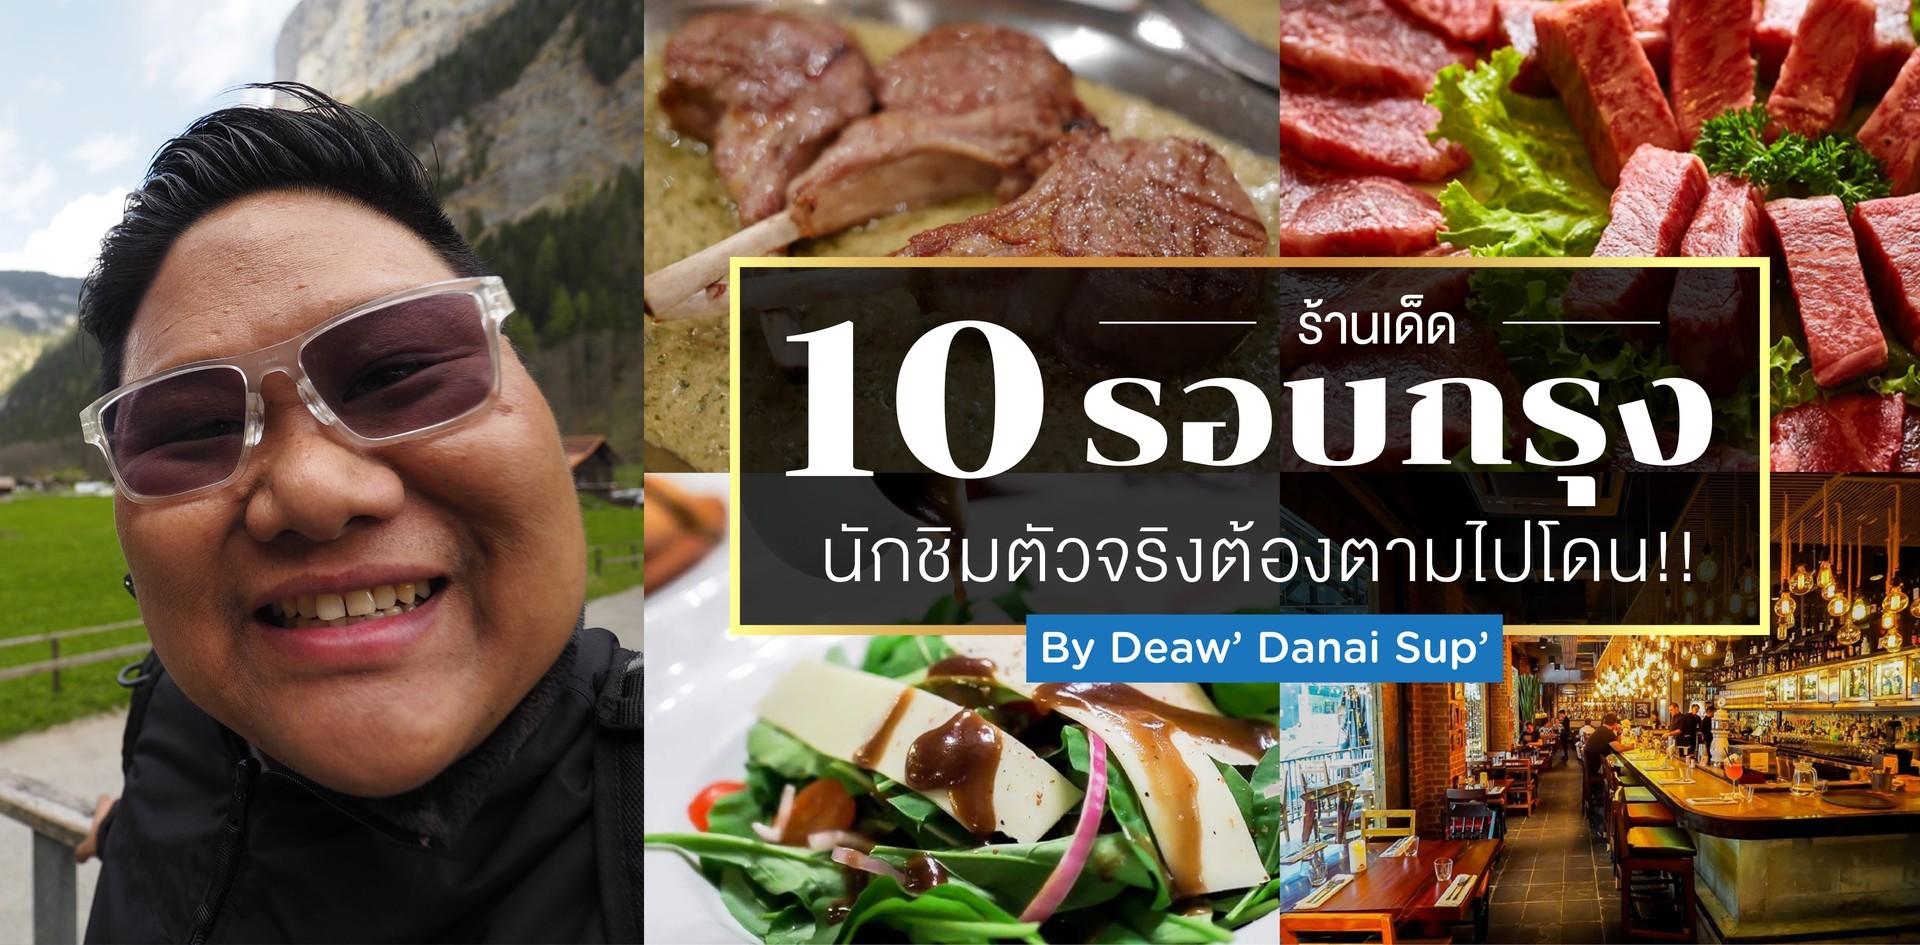 10 ร้านอาหารเด็ดรอบกรุง นักชิมตัวจริงต้องตามไปโดน by Deaw' Danai Sup'